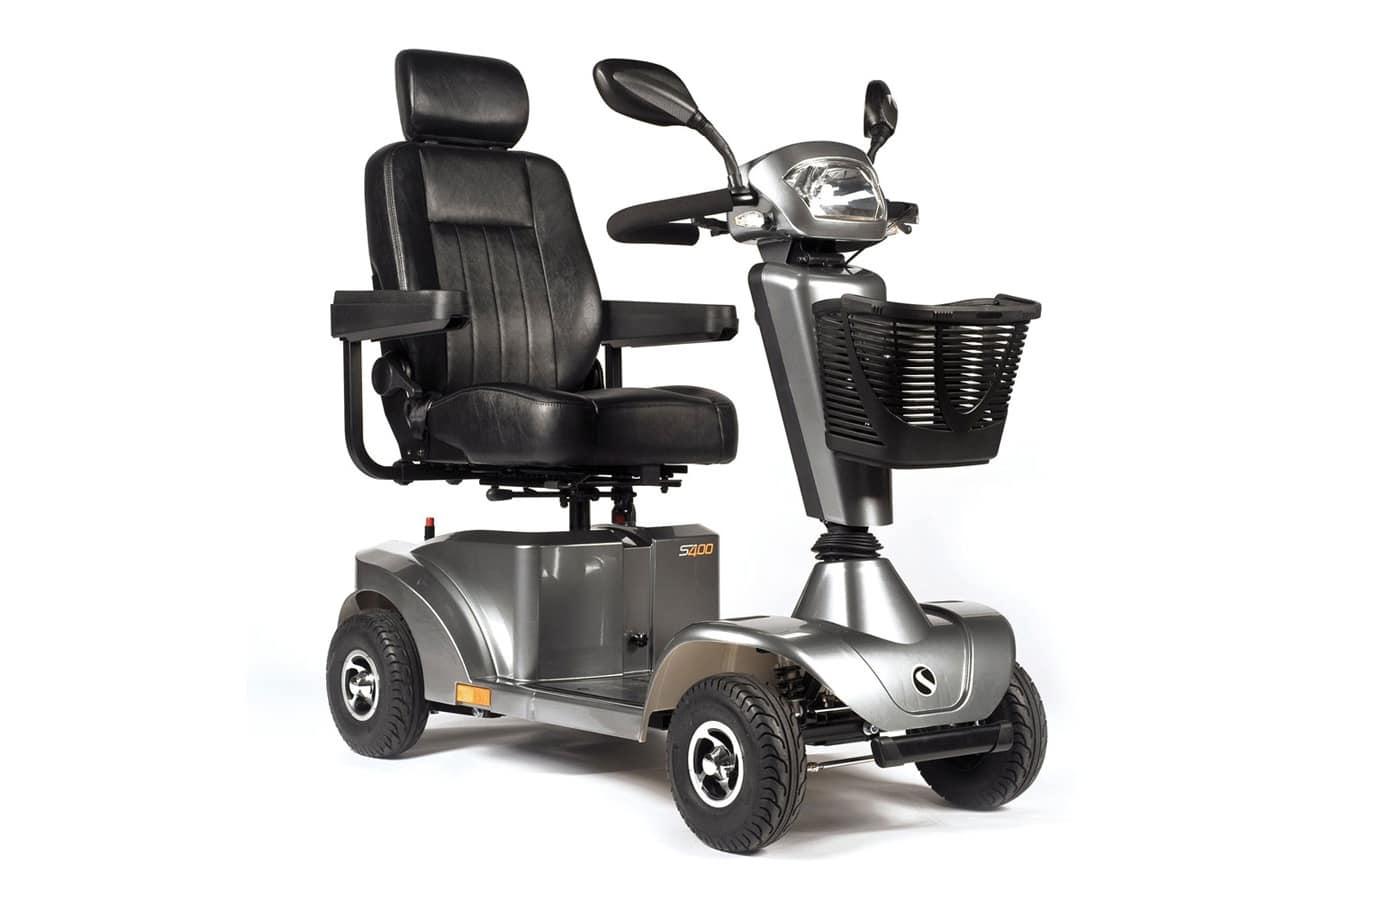 Scooter preta e cinzenta com vista de perfil